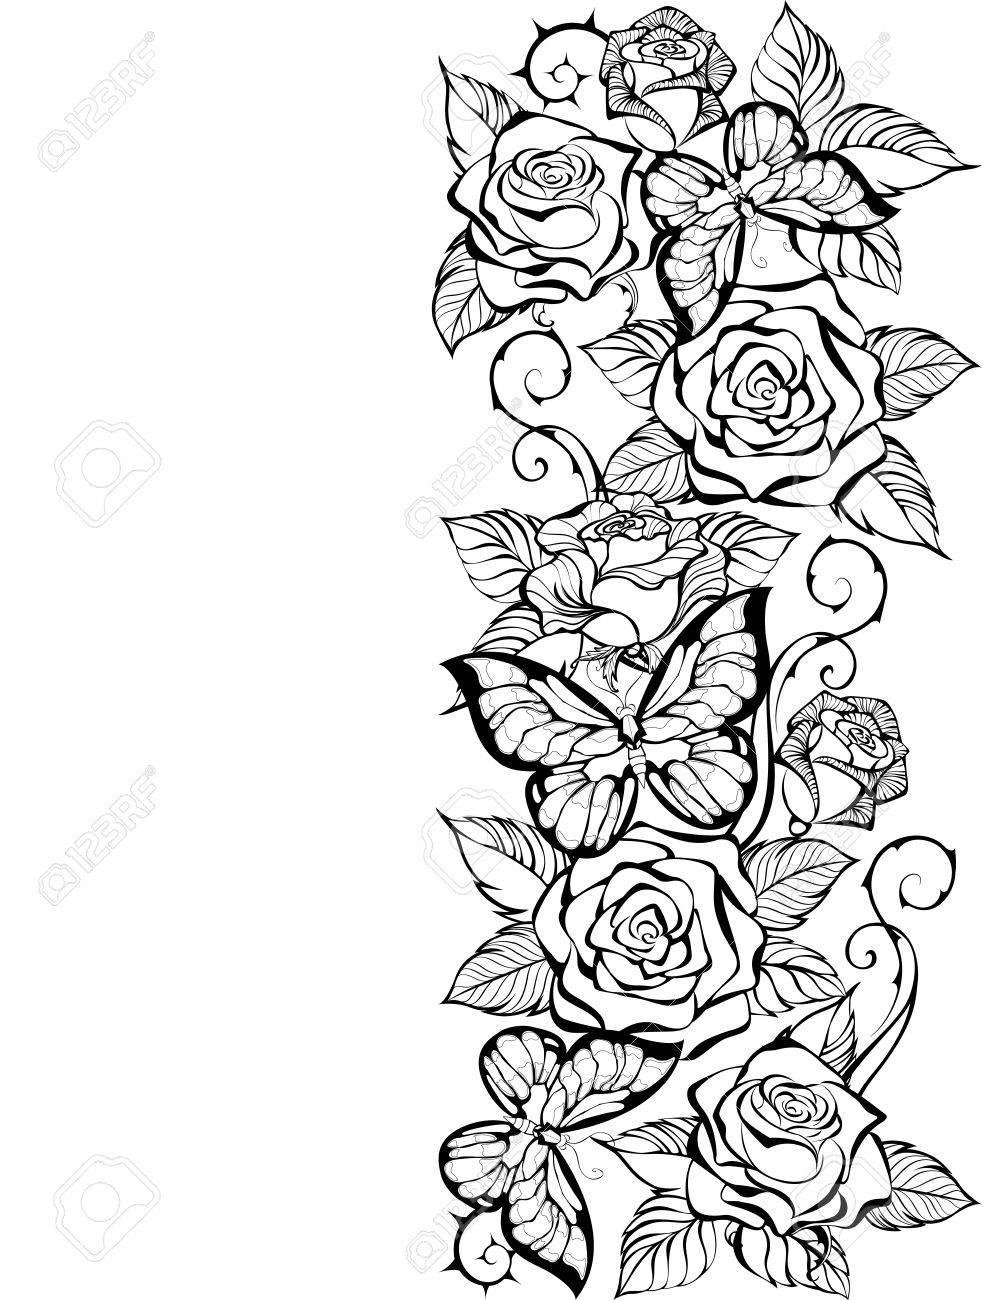 バラと白地に蝶の輪郭のボーダー塗り絵バラと蝶をデザインしますの